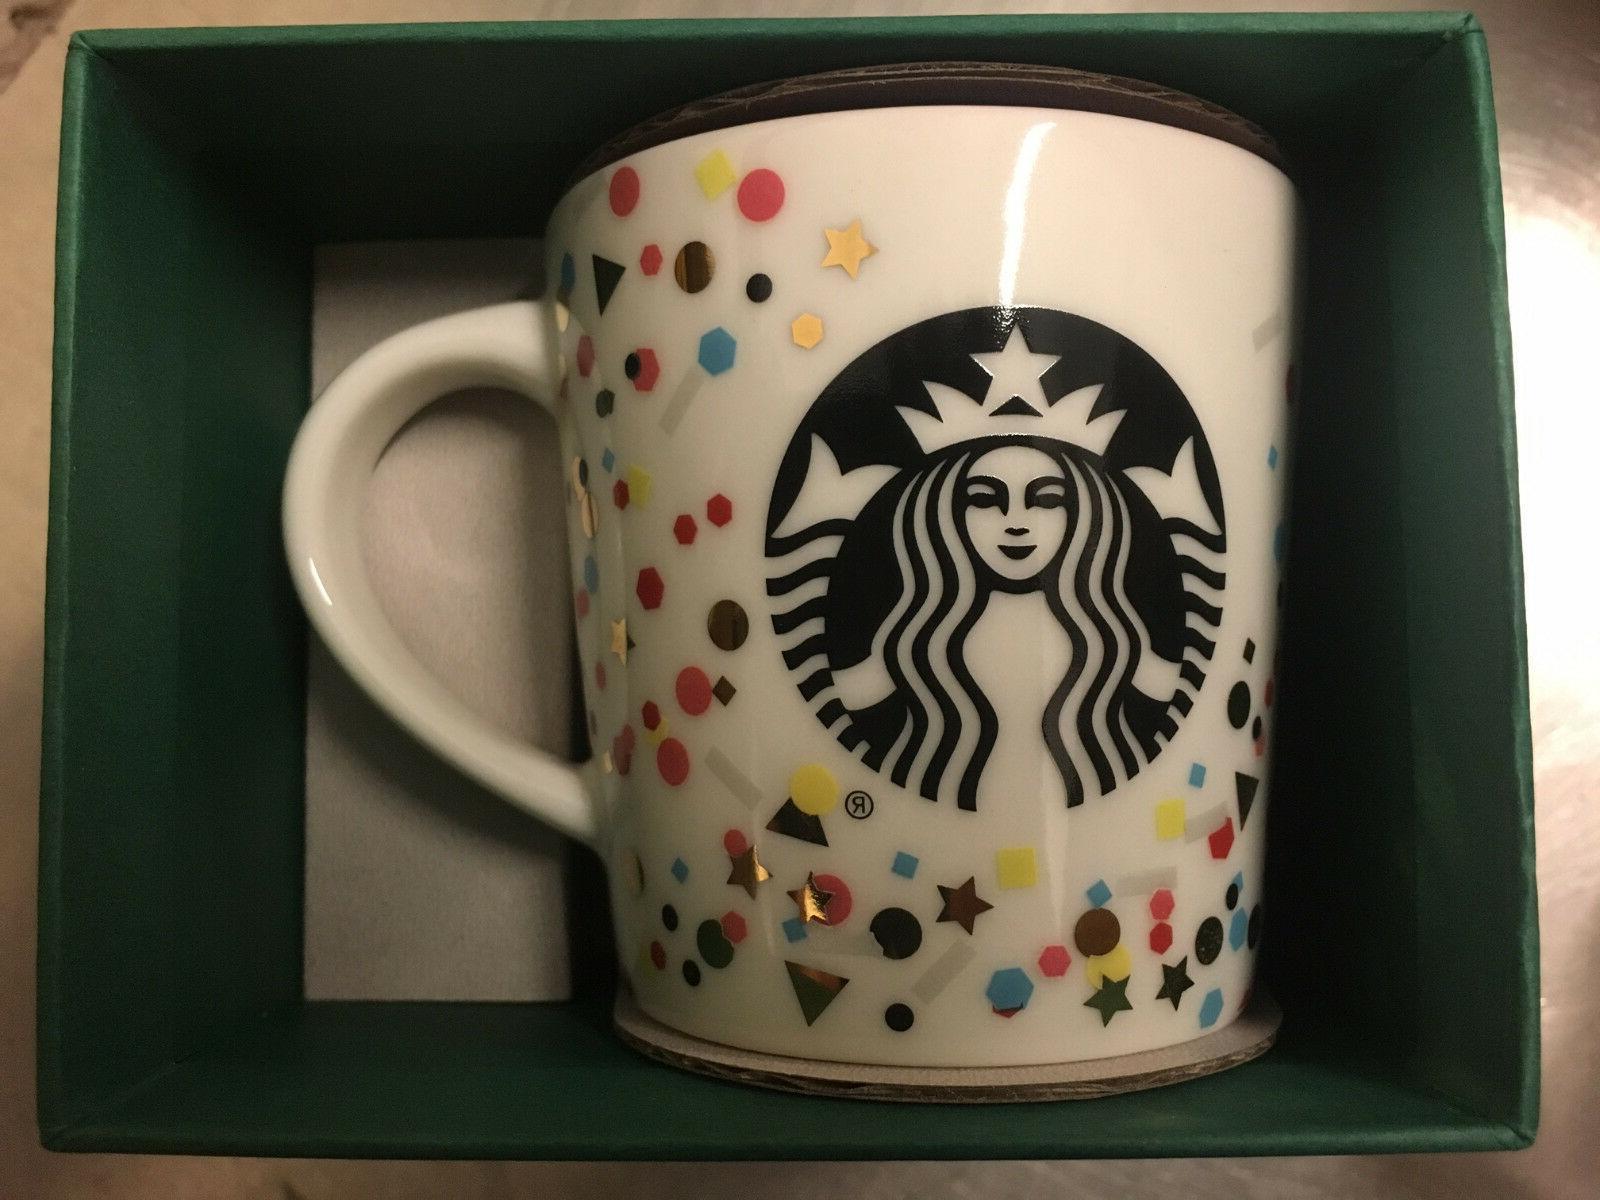 3oz Starbucks Demi Cup Confetti collectors mug limited editi